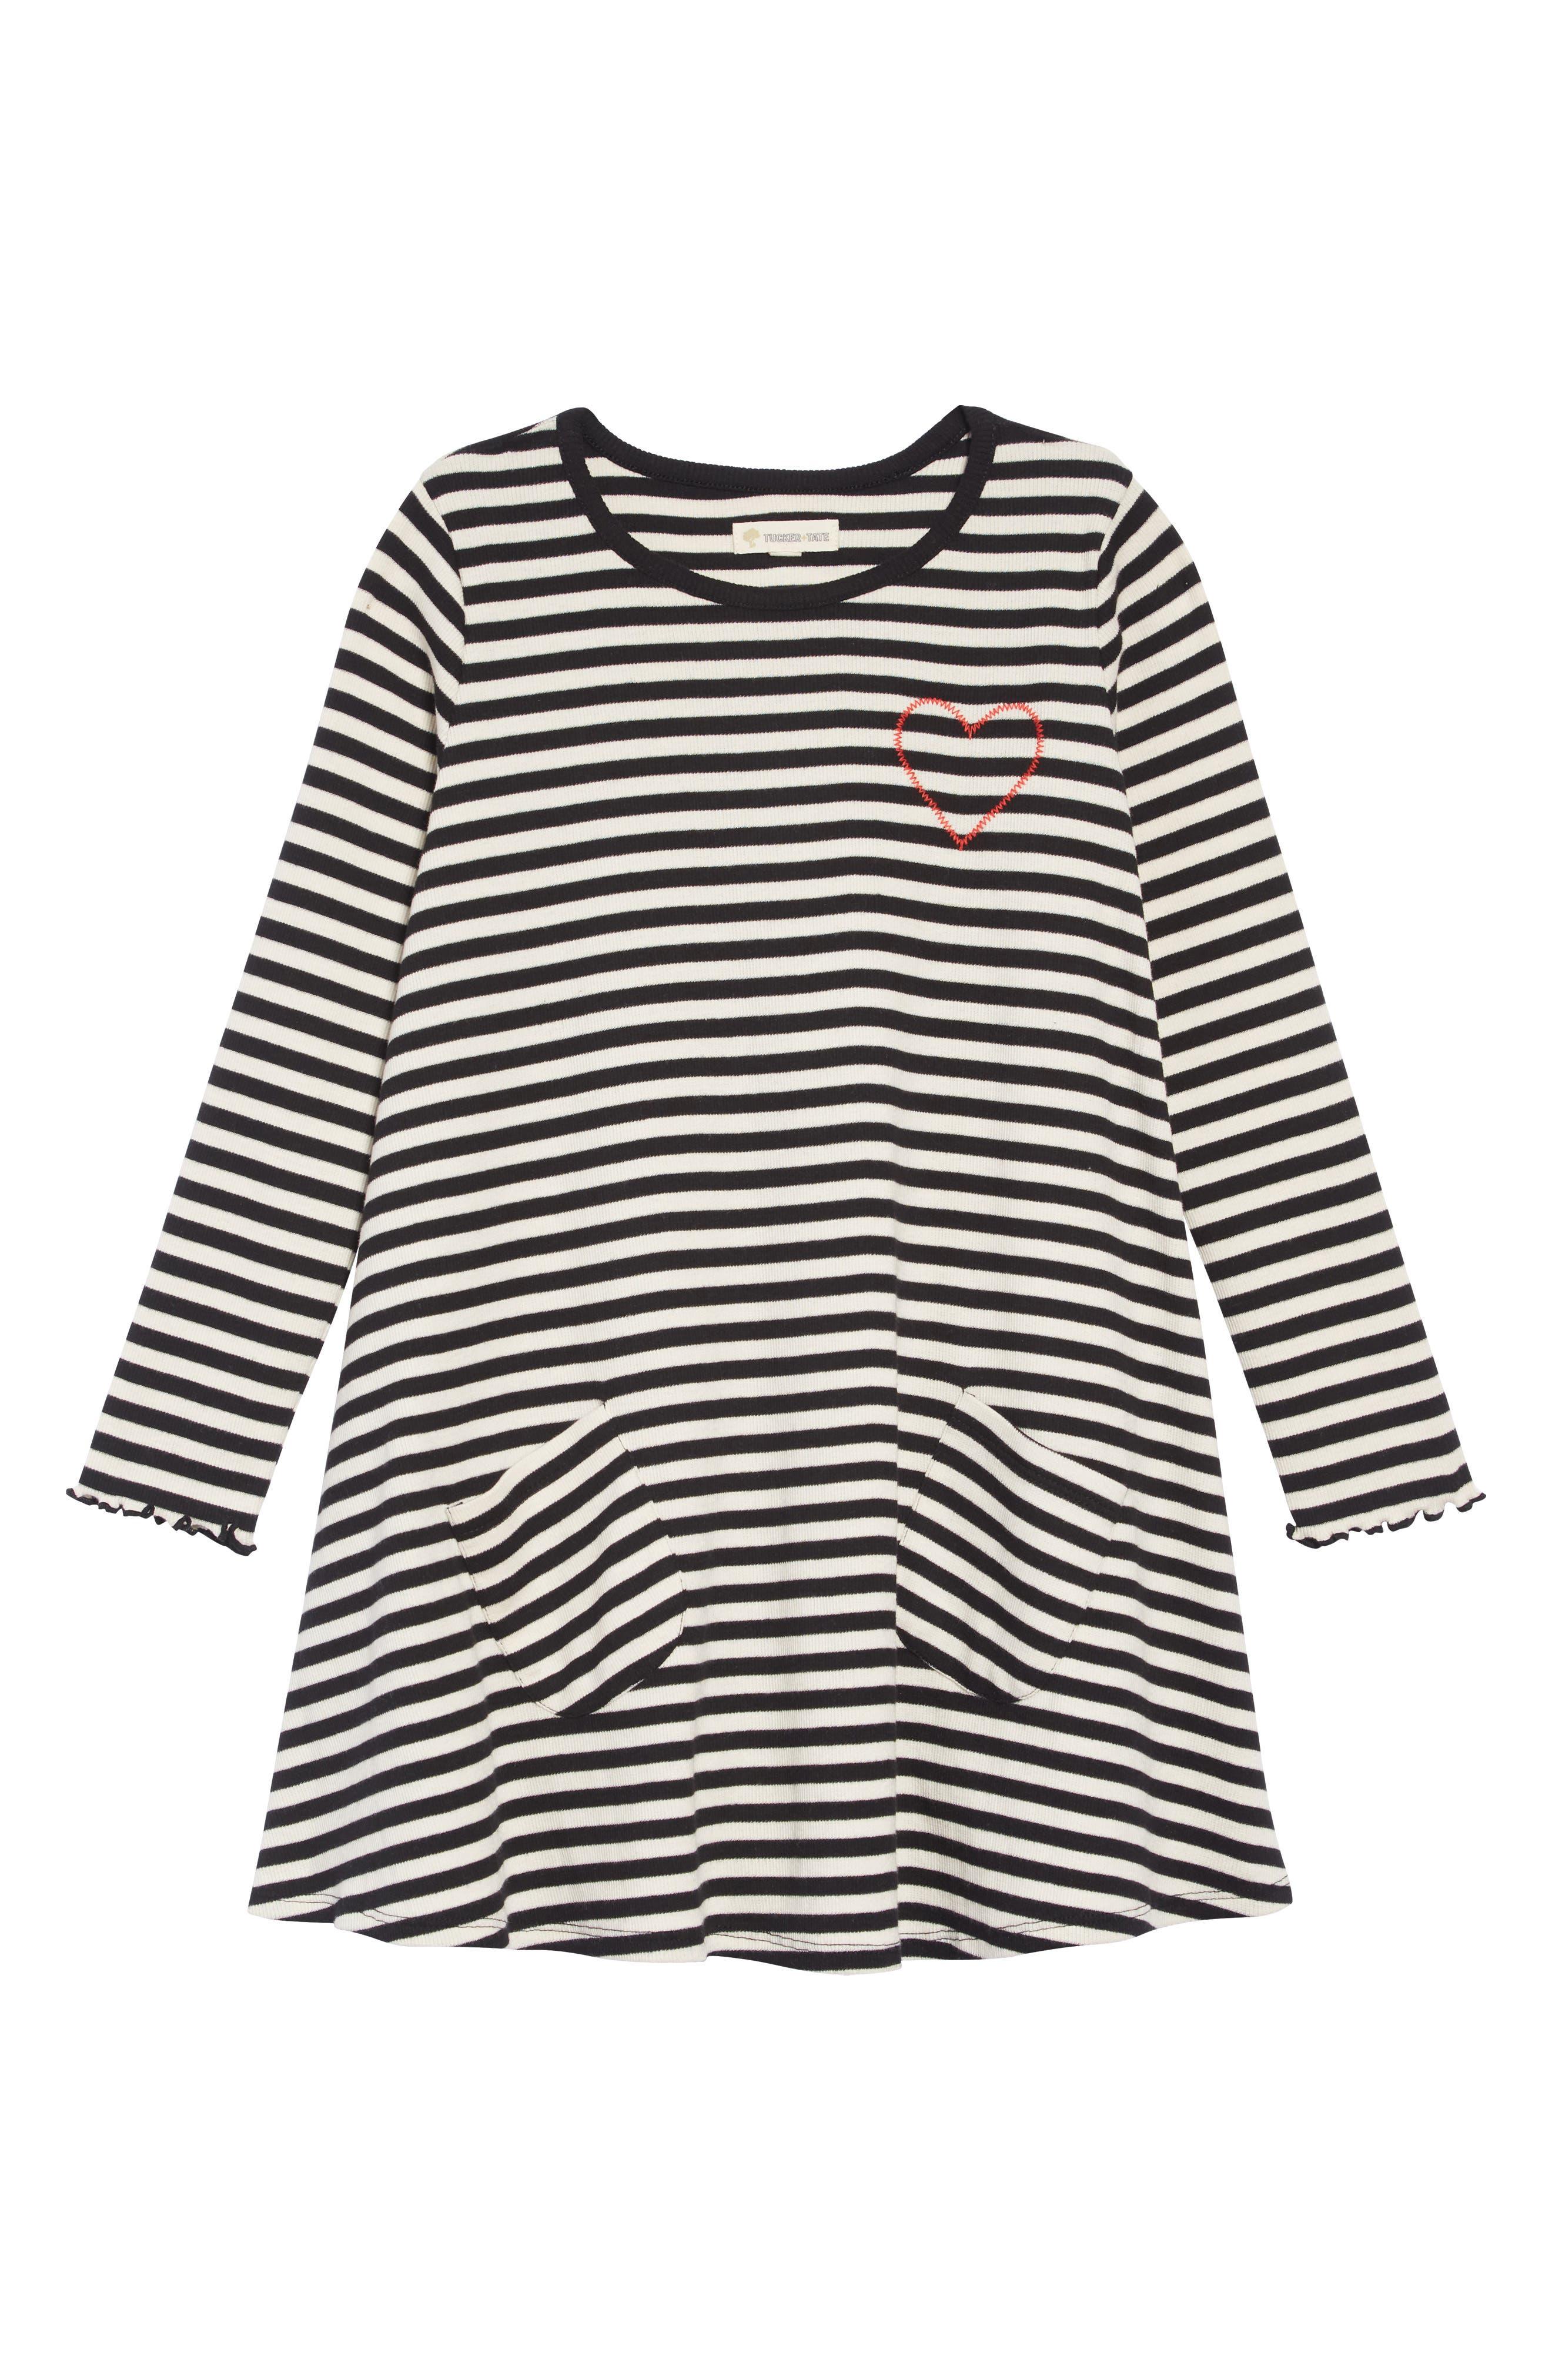 Toddler Girls Tucker  Tate Thermal Swing Dress Size 3T  Black